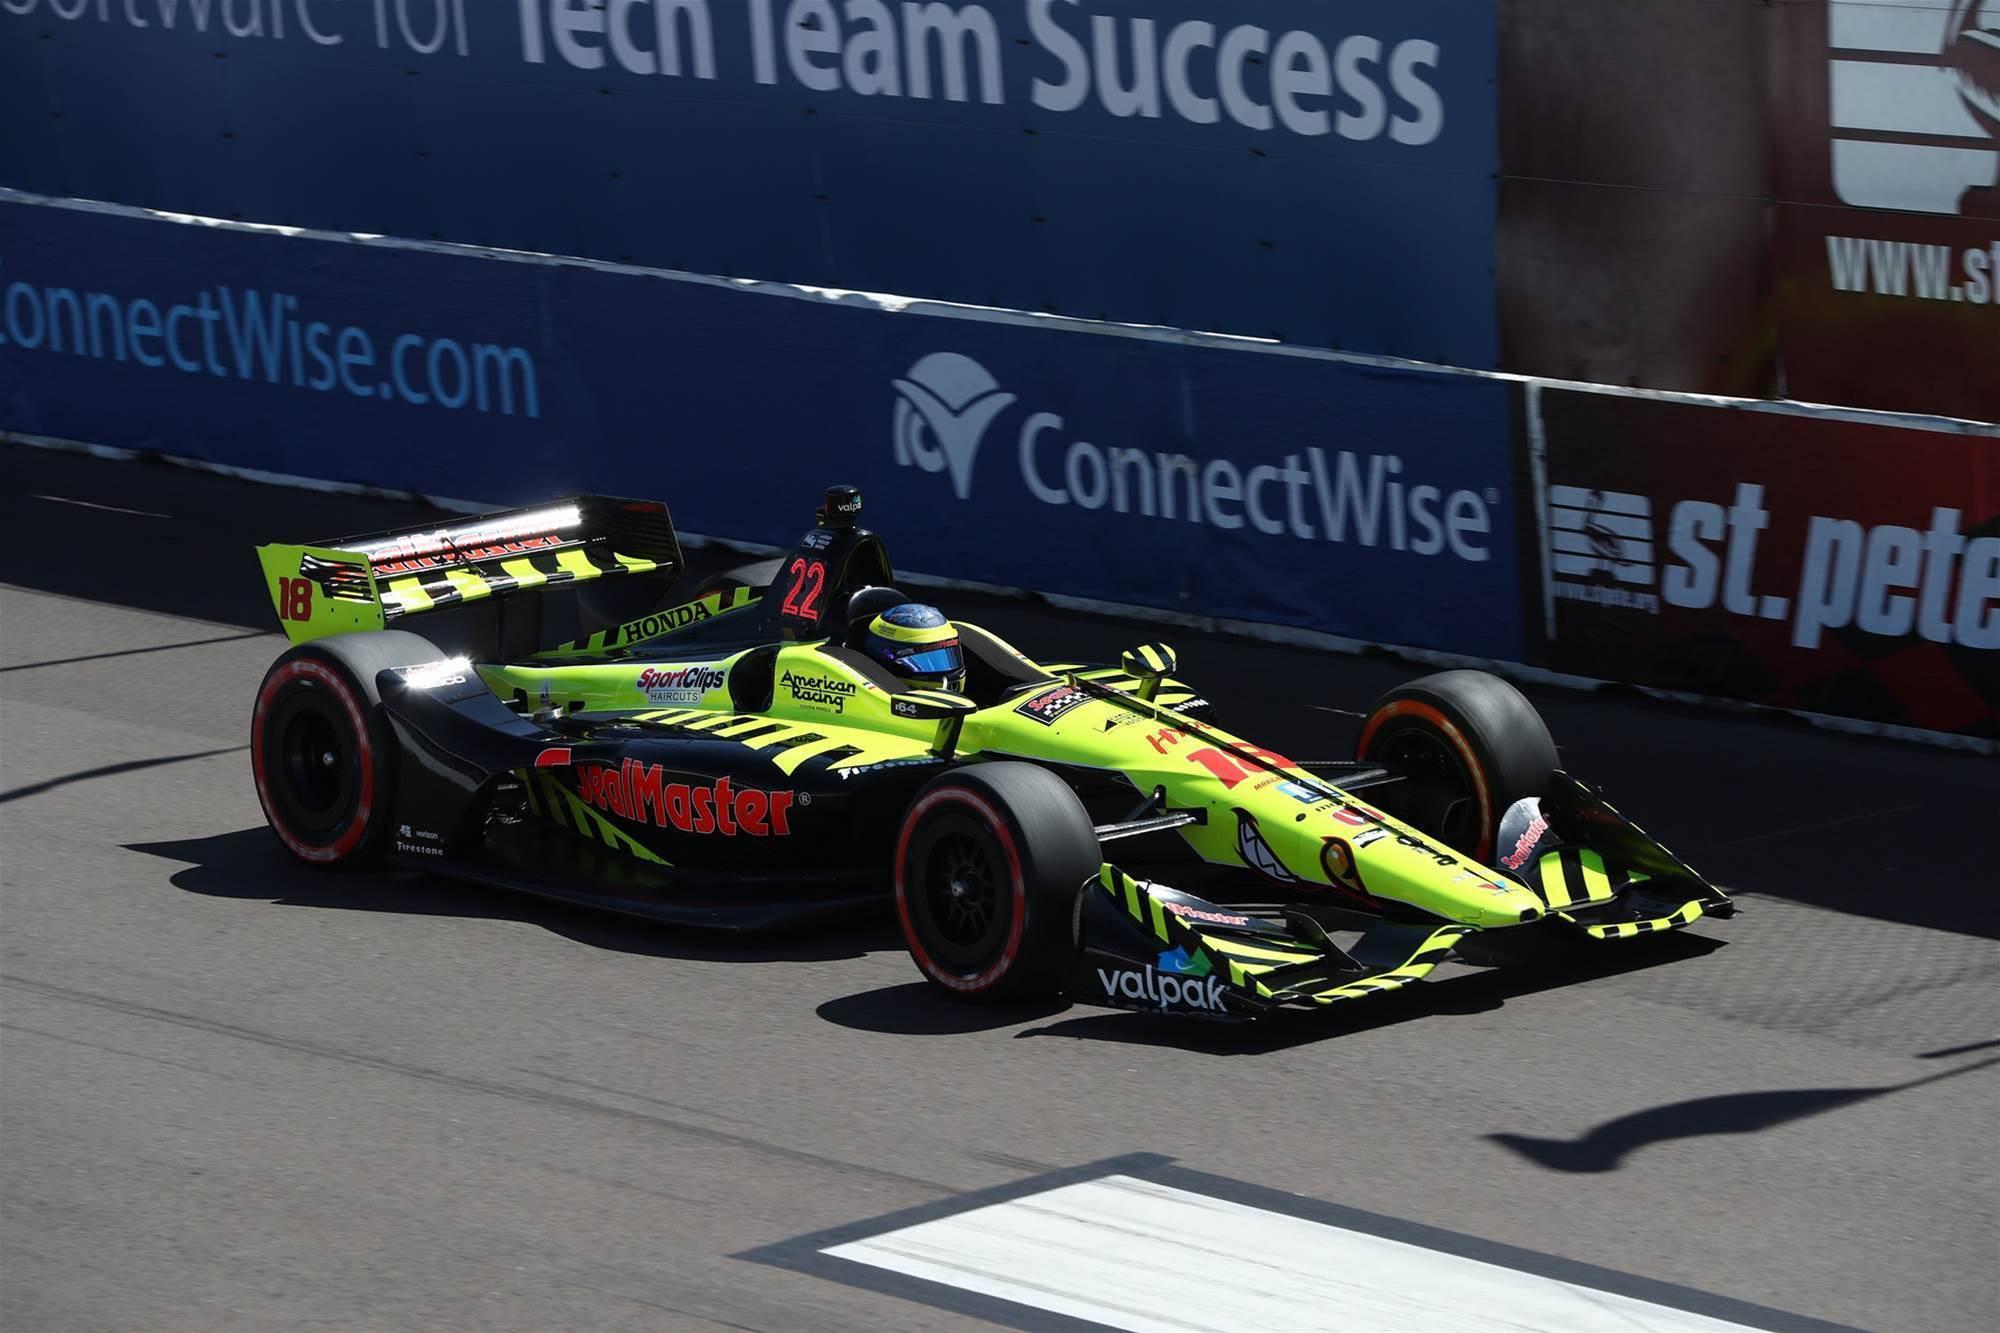 Pic Gallery: Indycars season opener